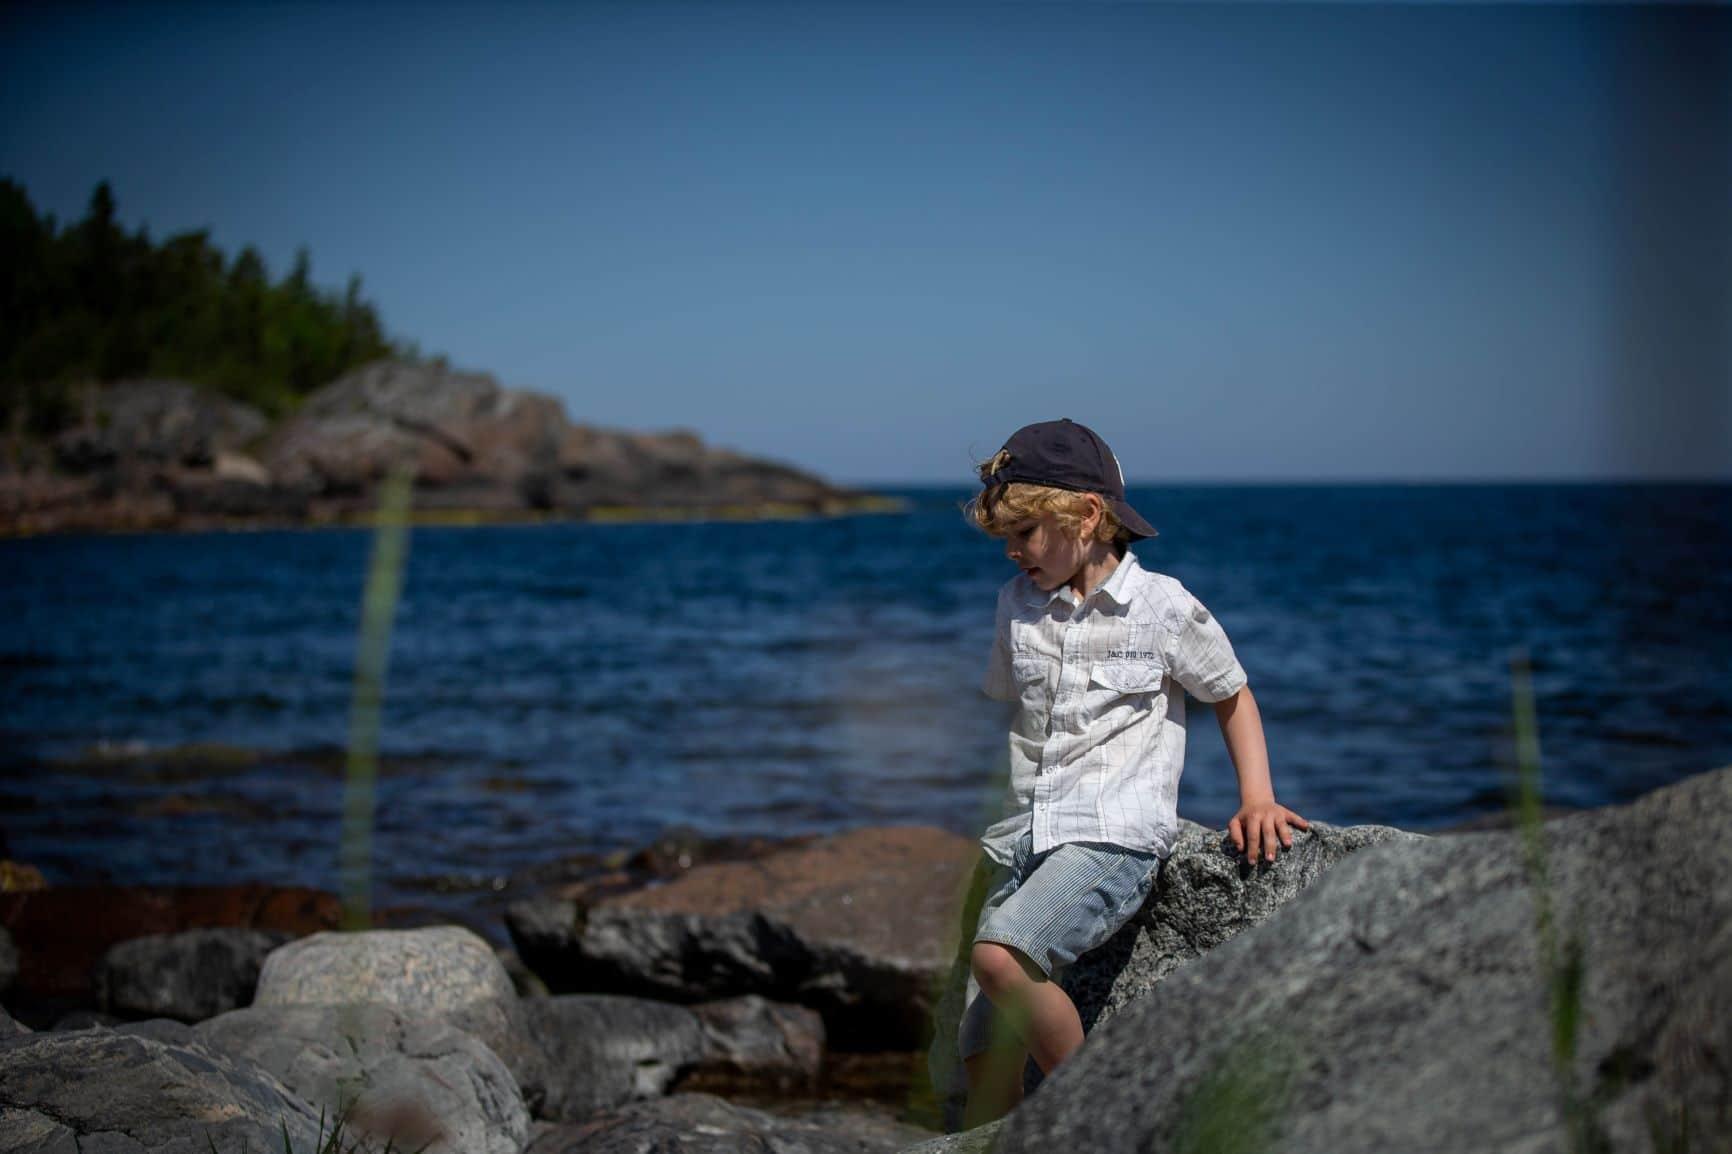 Love - Barnfotografering 2020 - Väddö Roslagen Norrtälje